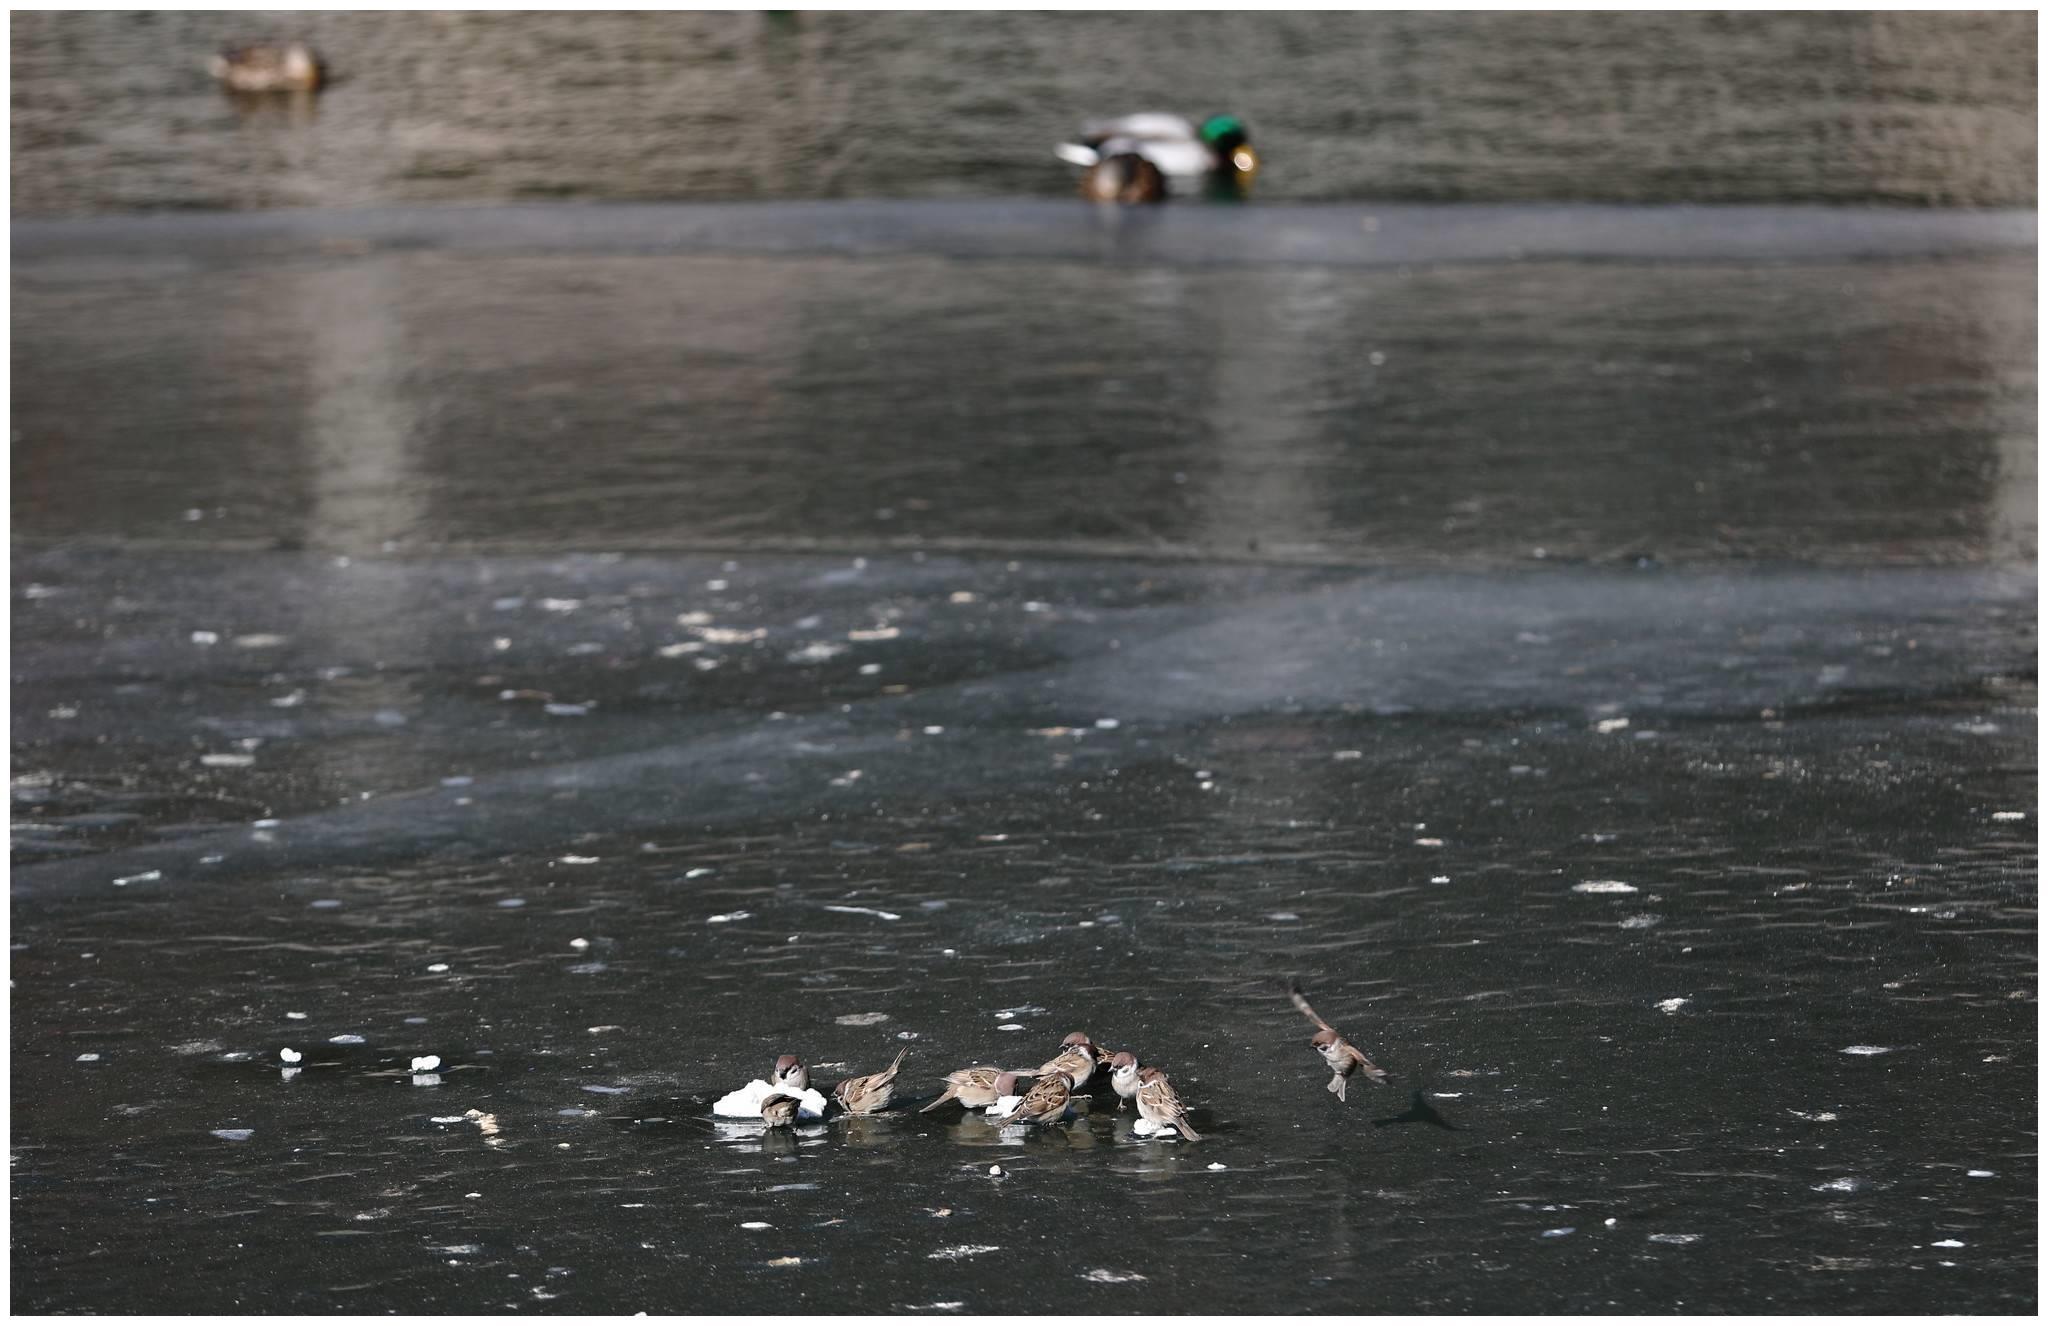 北京北海公园湖面上冻 水鸟不畏大风和寒潮冰水里觅食